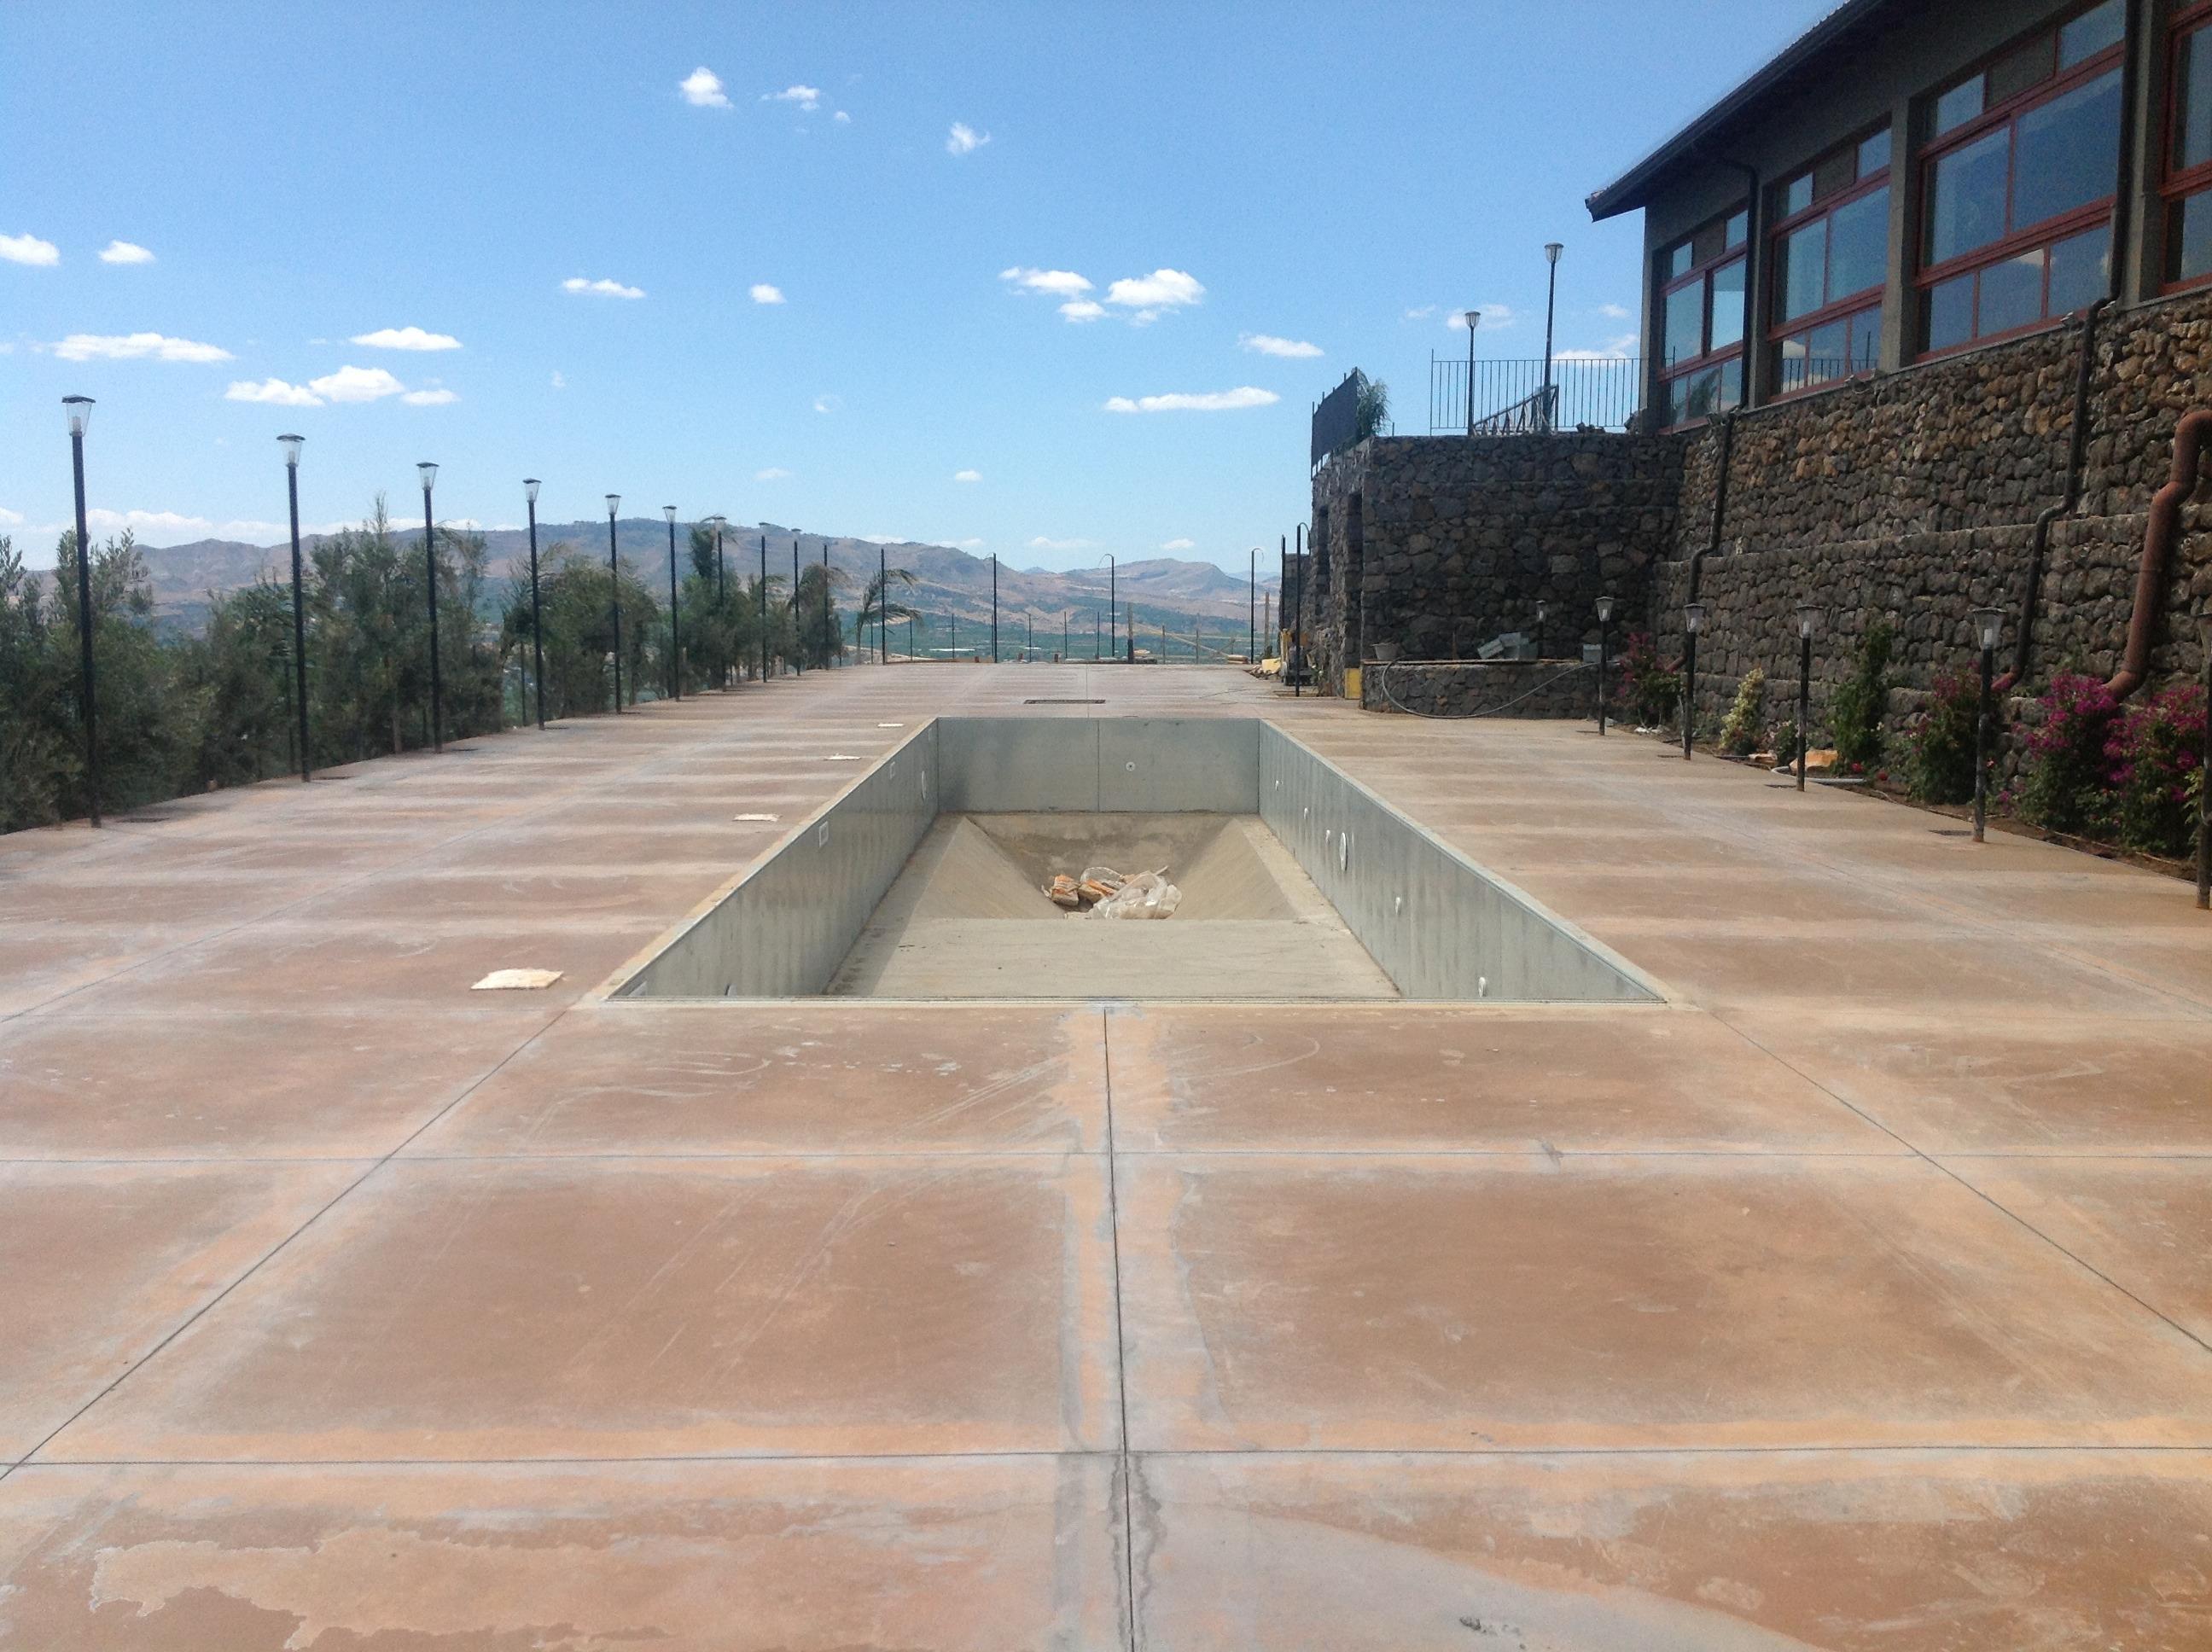 Piscine prefabbricate enna progettazione piscine - Costruzione piscina in cemento armato ...